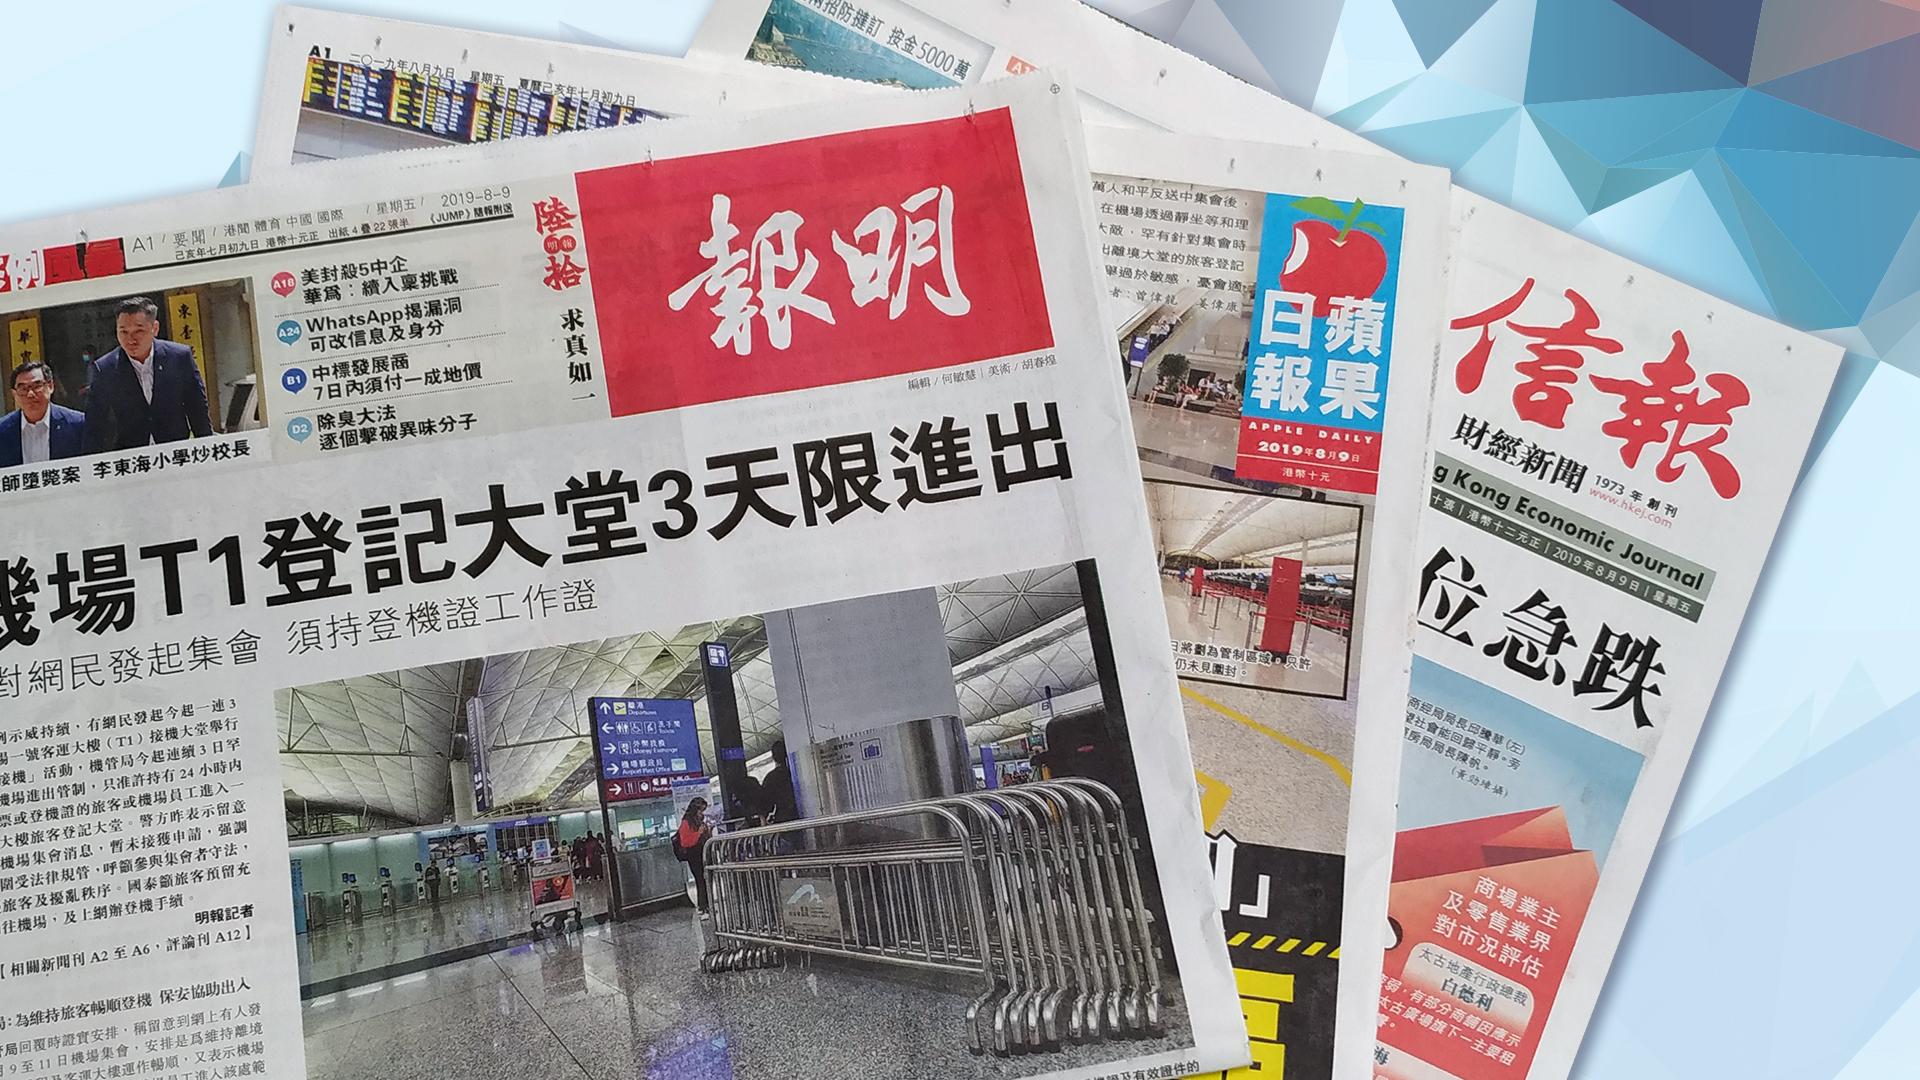 【報章A1速覽】機場T1登記大堂3天限進出 應對網民發起集會;零售酒店生意 7月雙位急跌